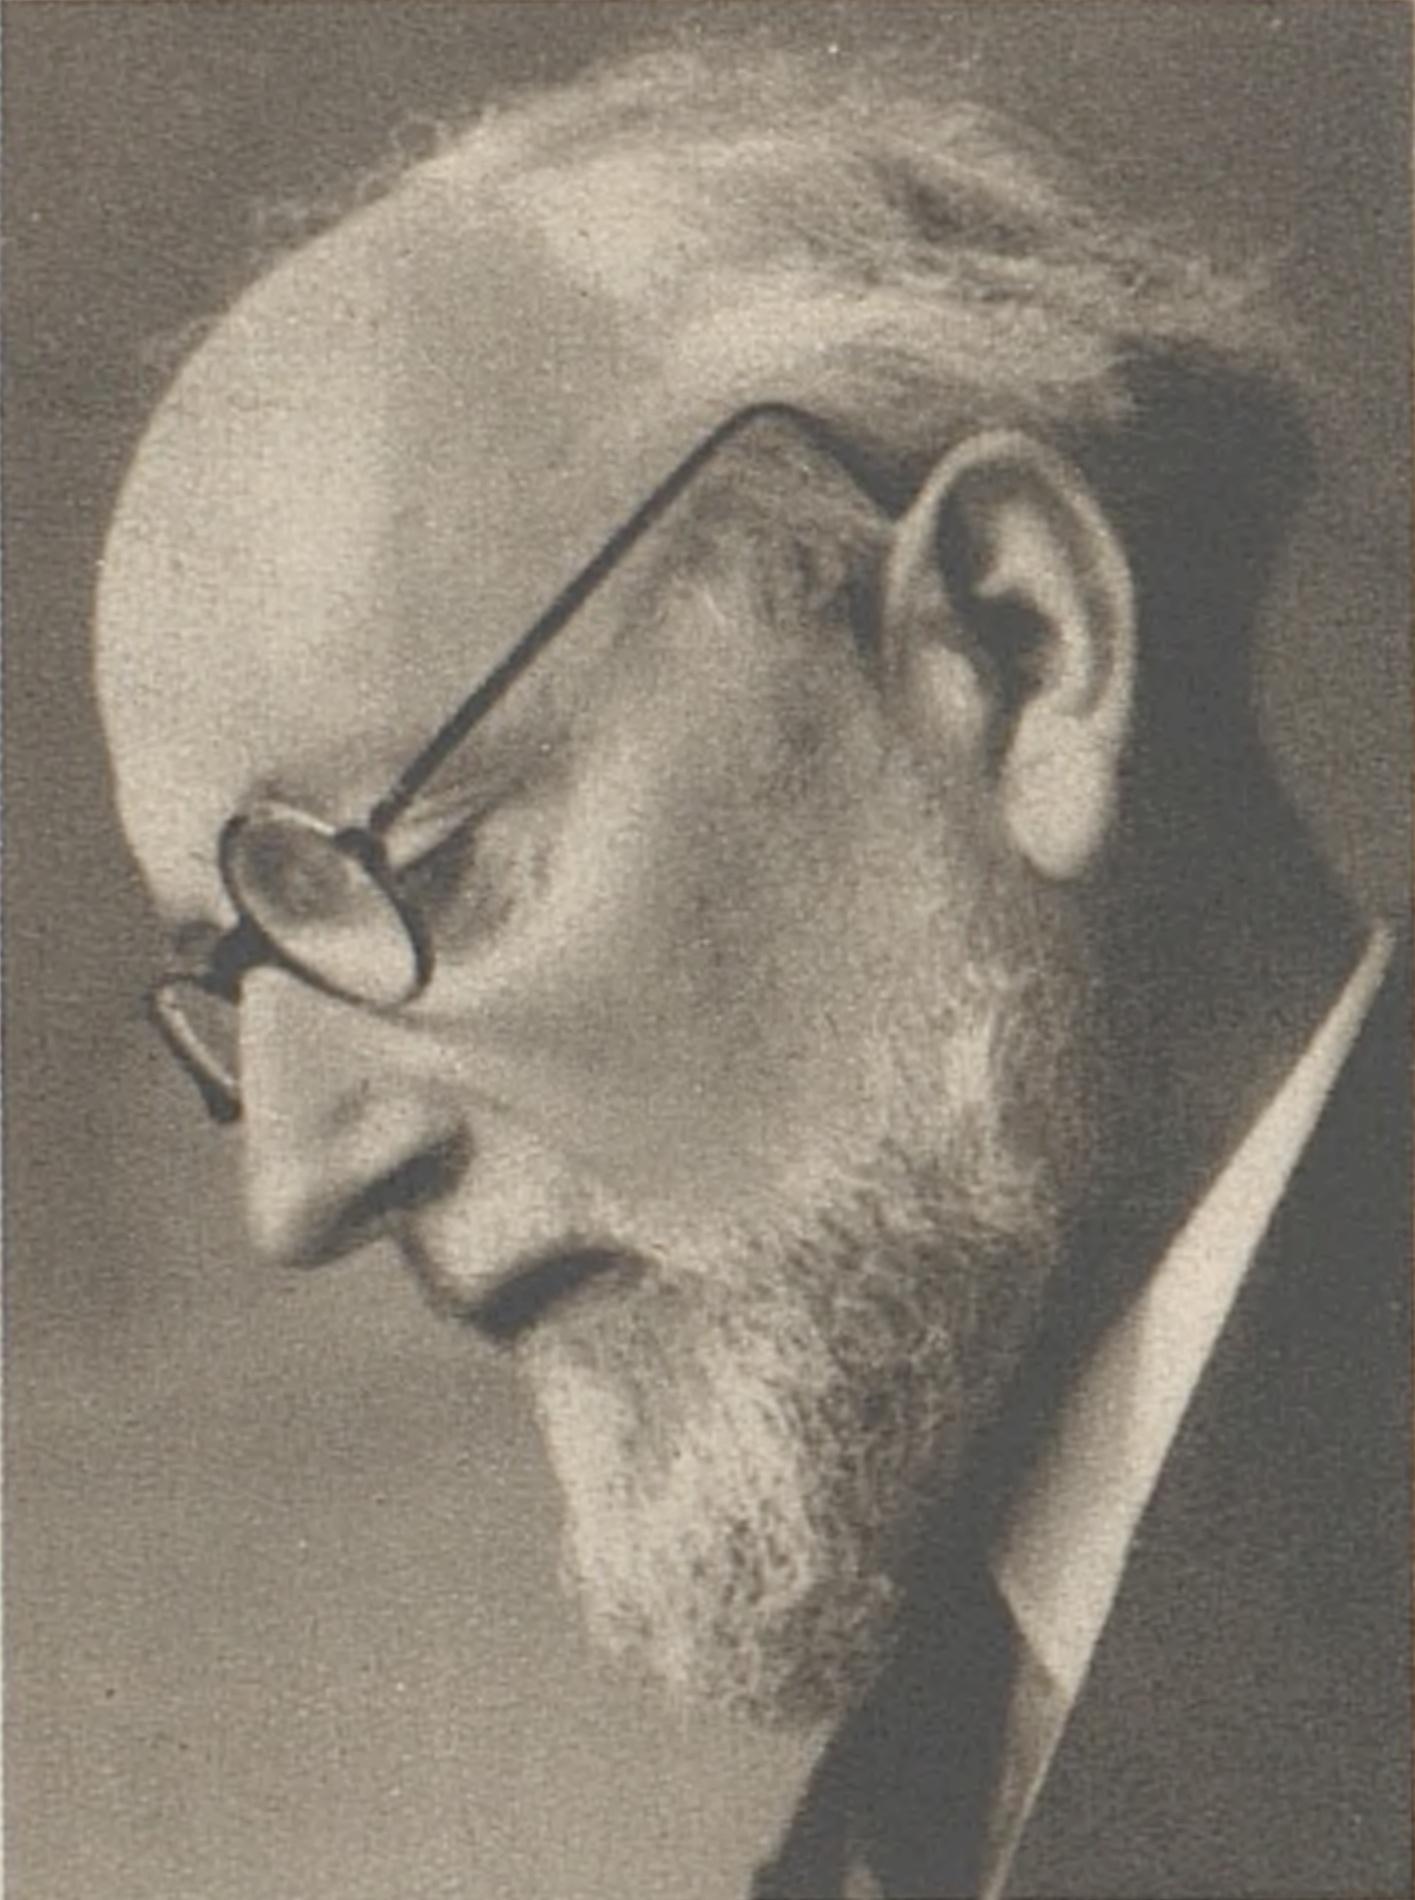 Ernest Ansermet en 1943, portrait publié dans la revue L'Illustré du 27 mai 1943 en page 687